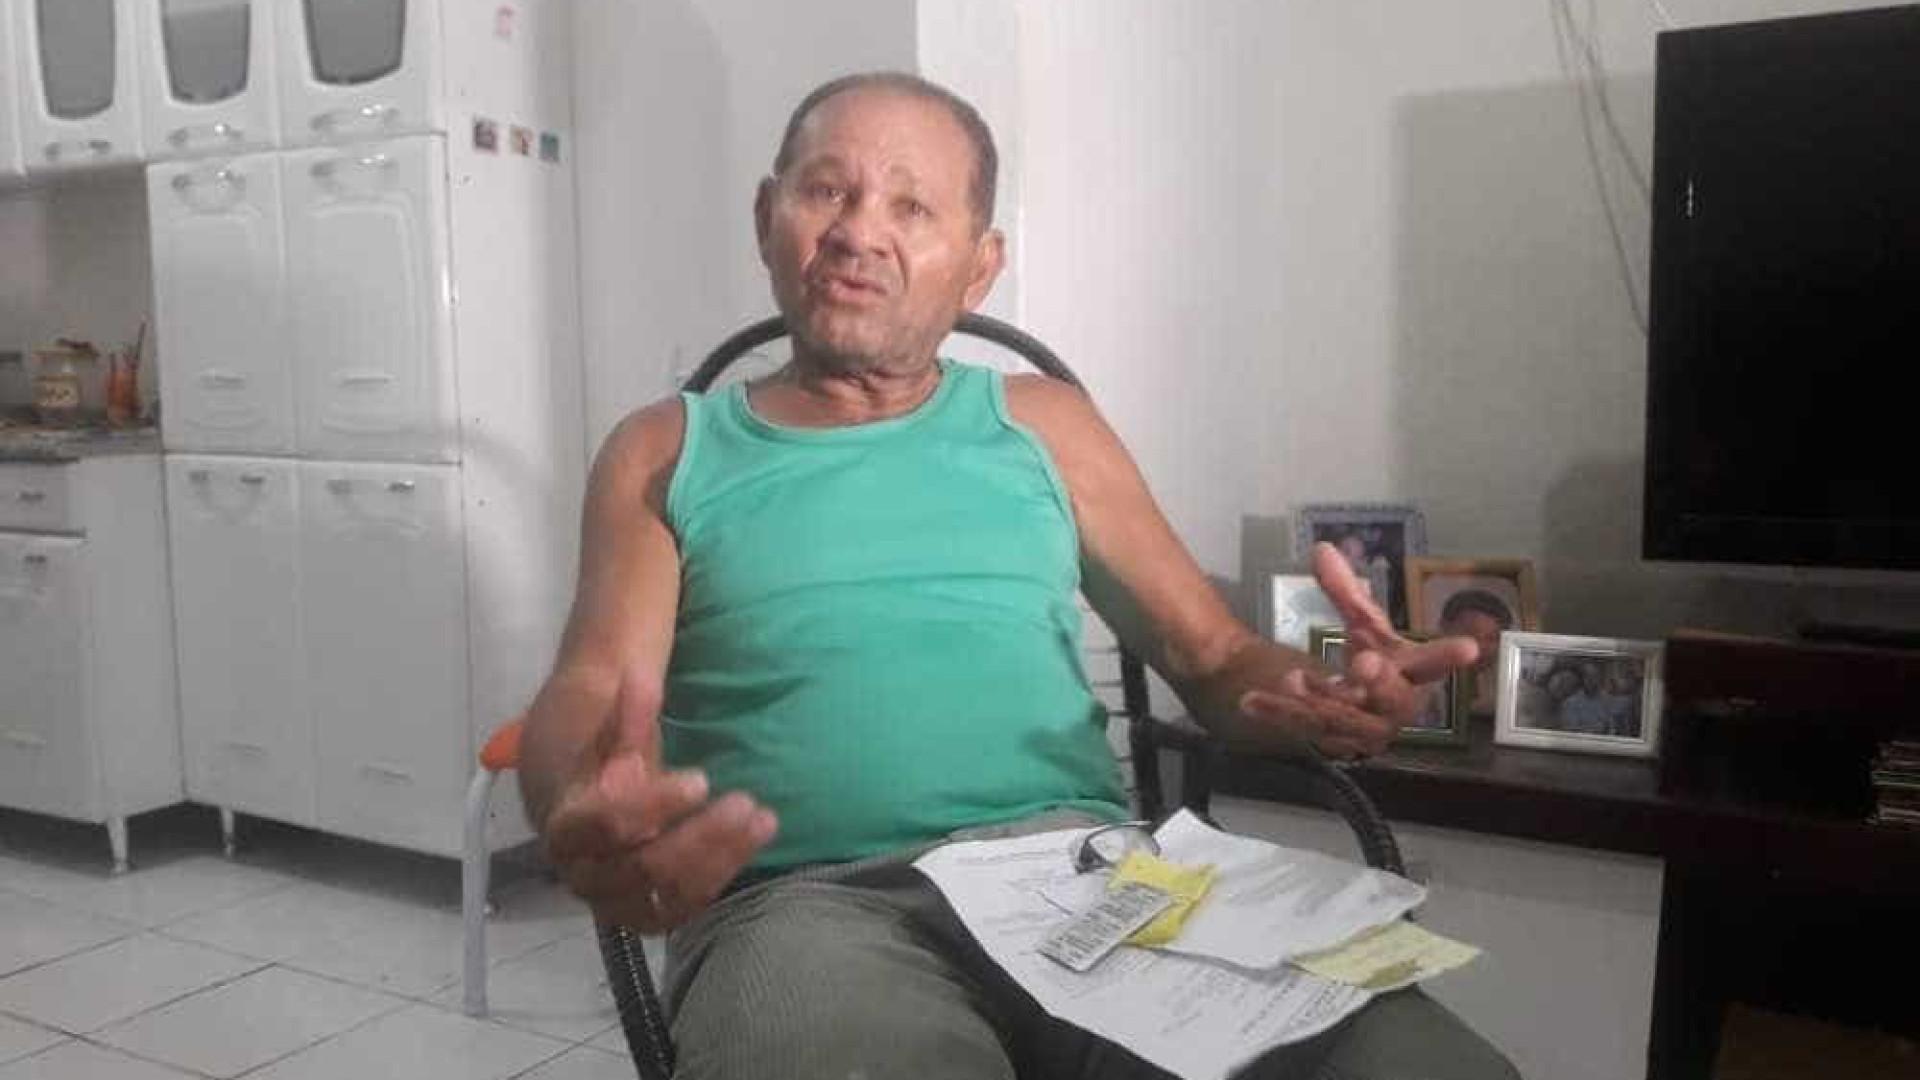 Médica rasga receita após paciente idoso dizer que votou em Haddad